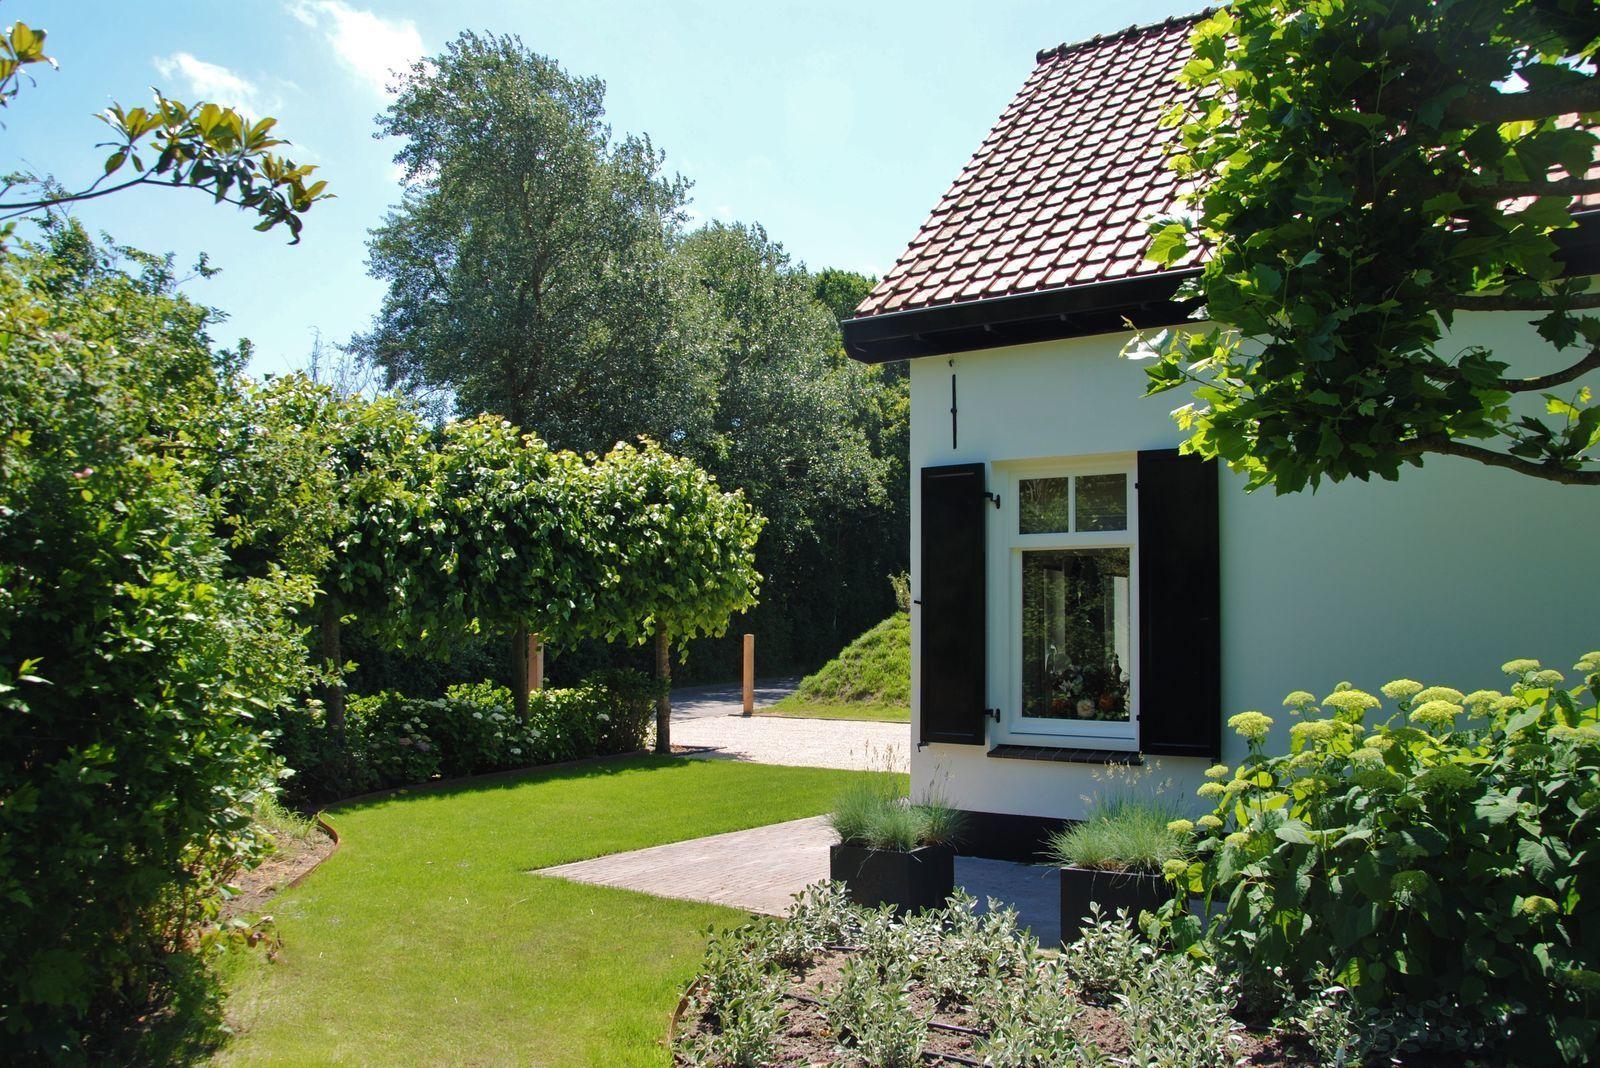 Dijkstelweg 46 - Ouddorp